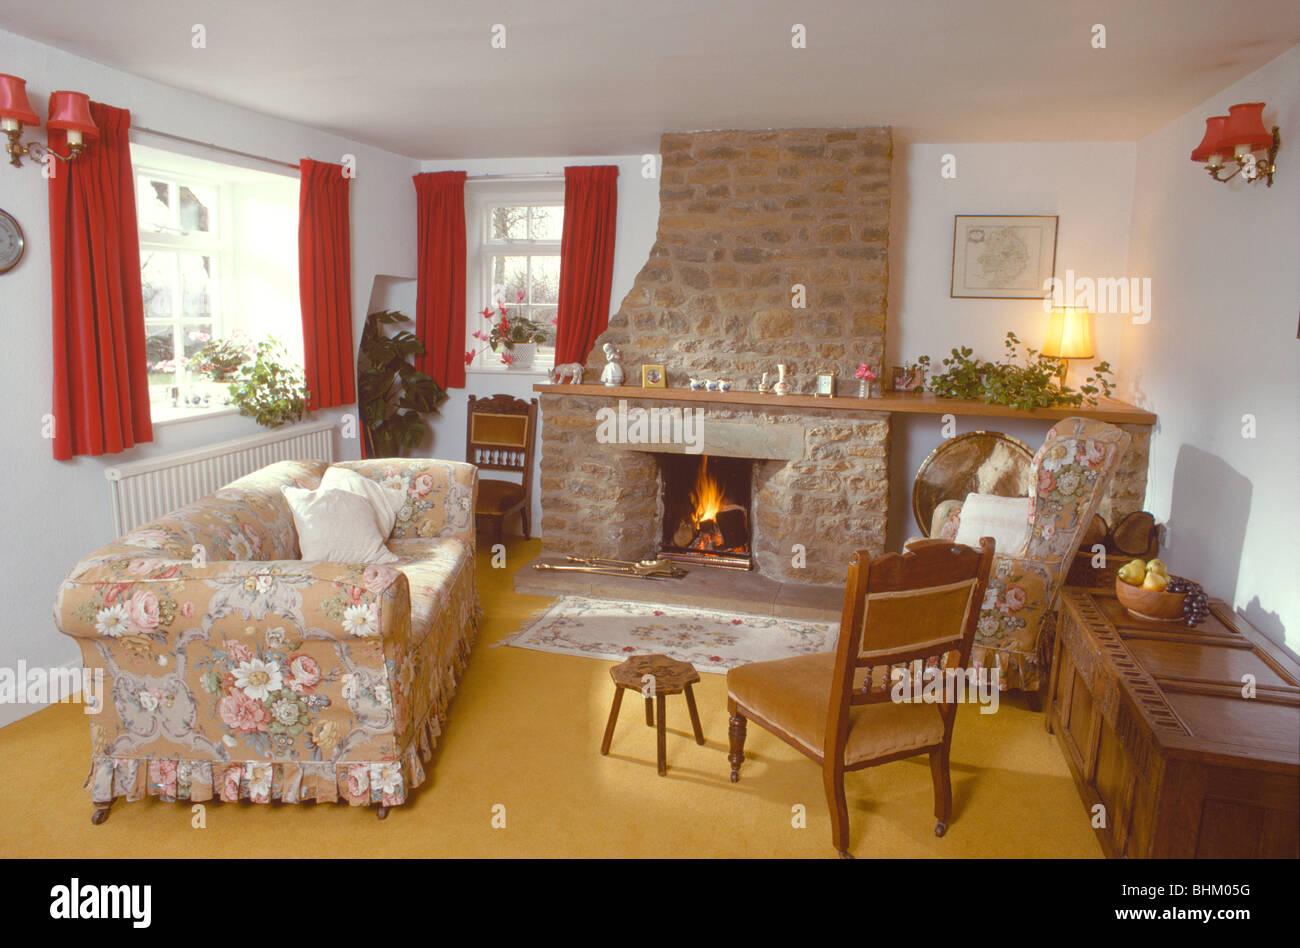 Dimensioni Tappeto Davanti Al Divano traditional sofa in front fireplace immagini & traditional